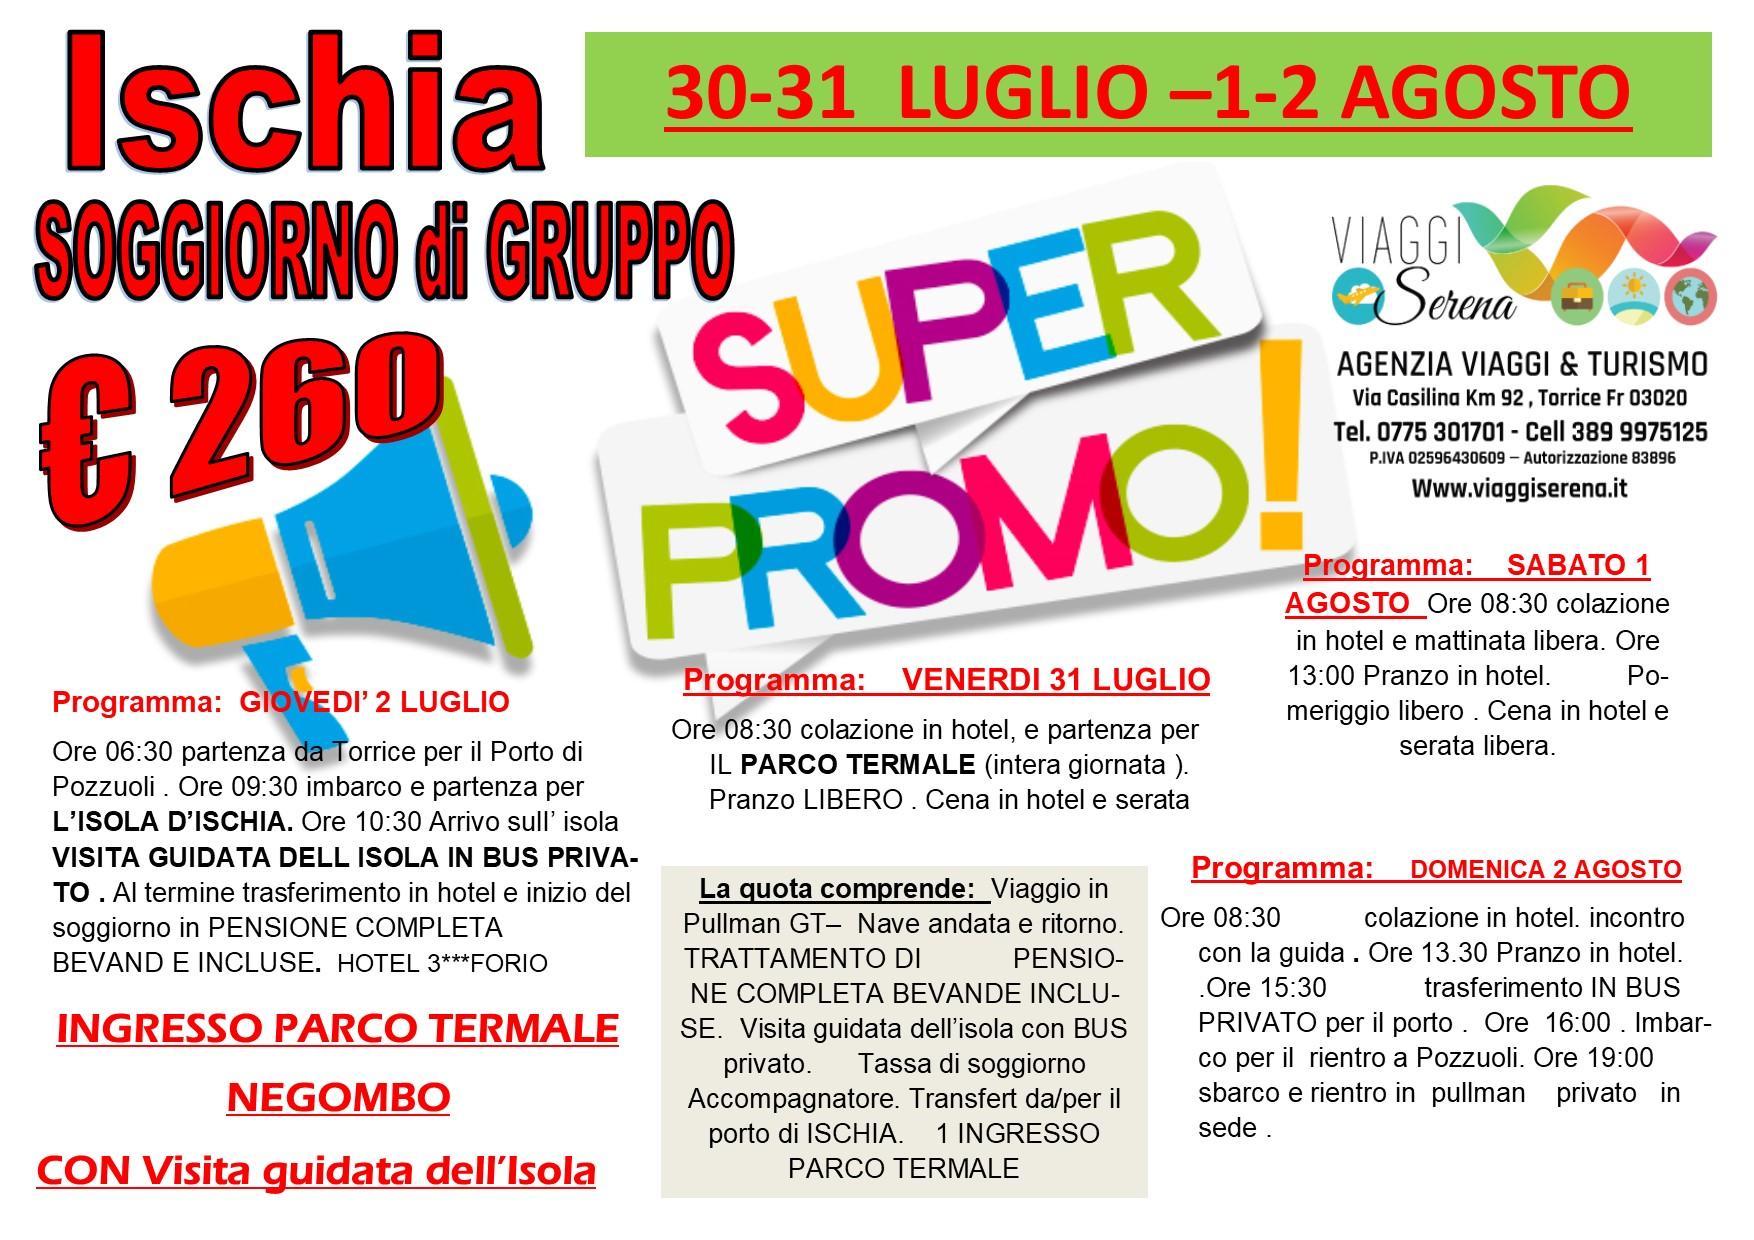 Viaggi di Gruppo: soggiorno ISCHIA 30-31 Luglio & 1-2 Agosto €260,00